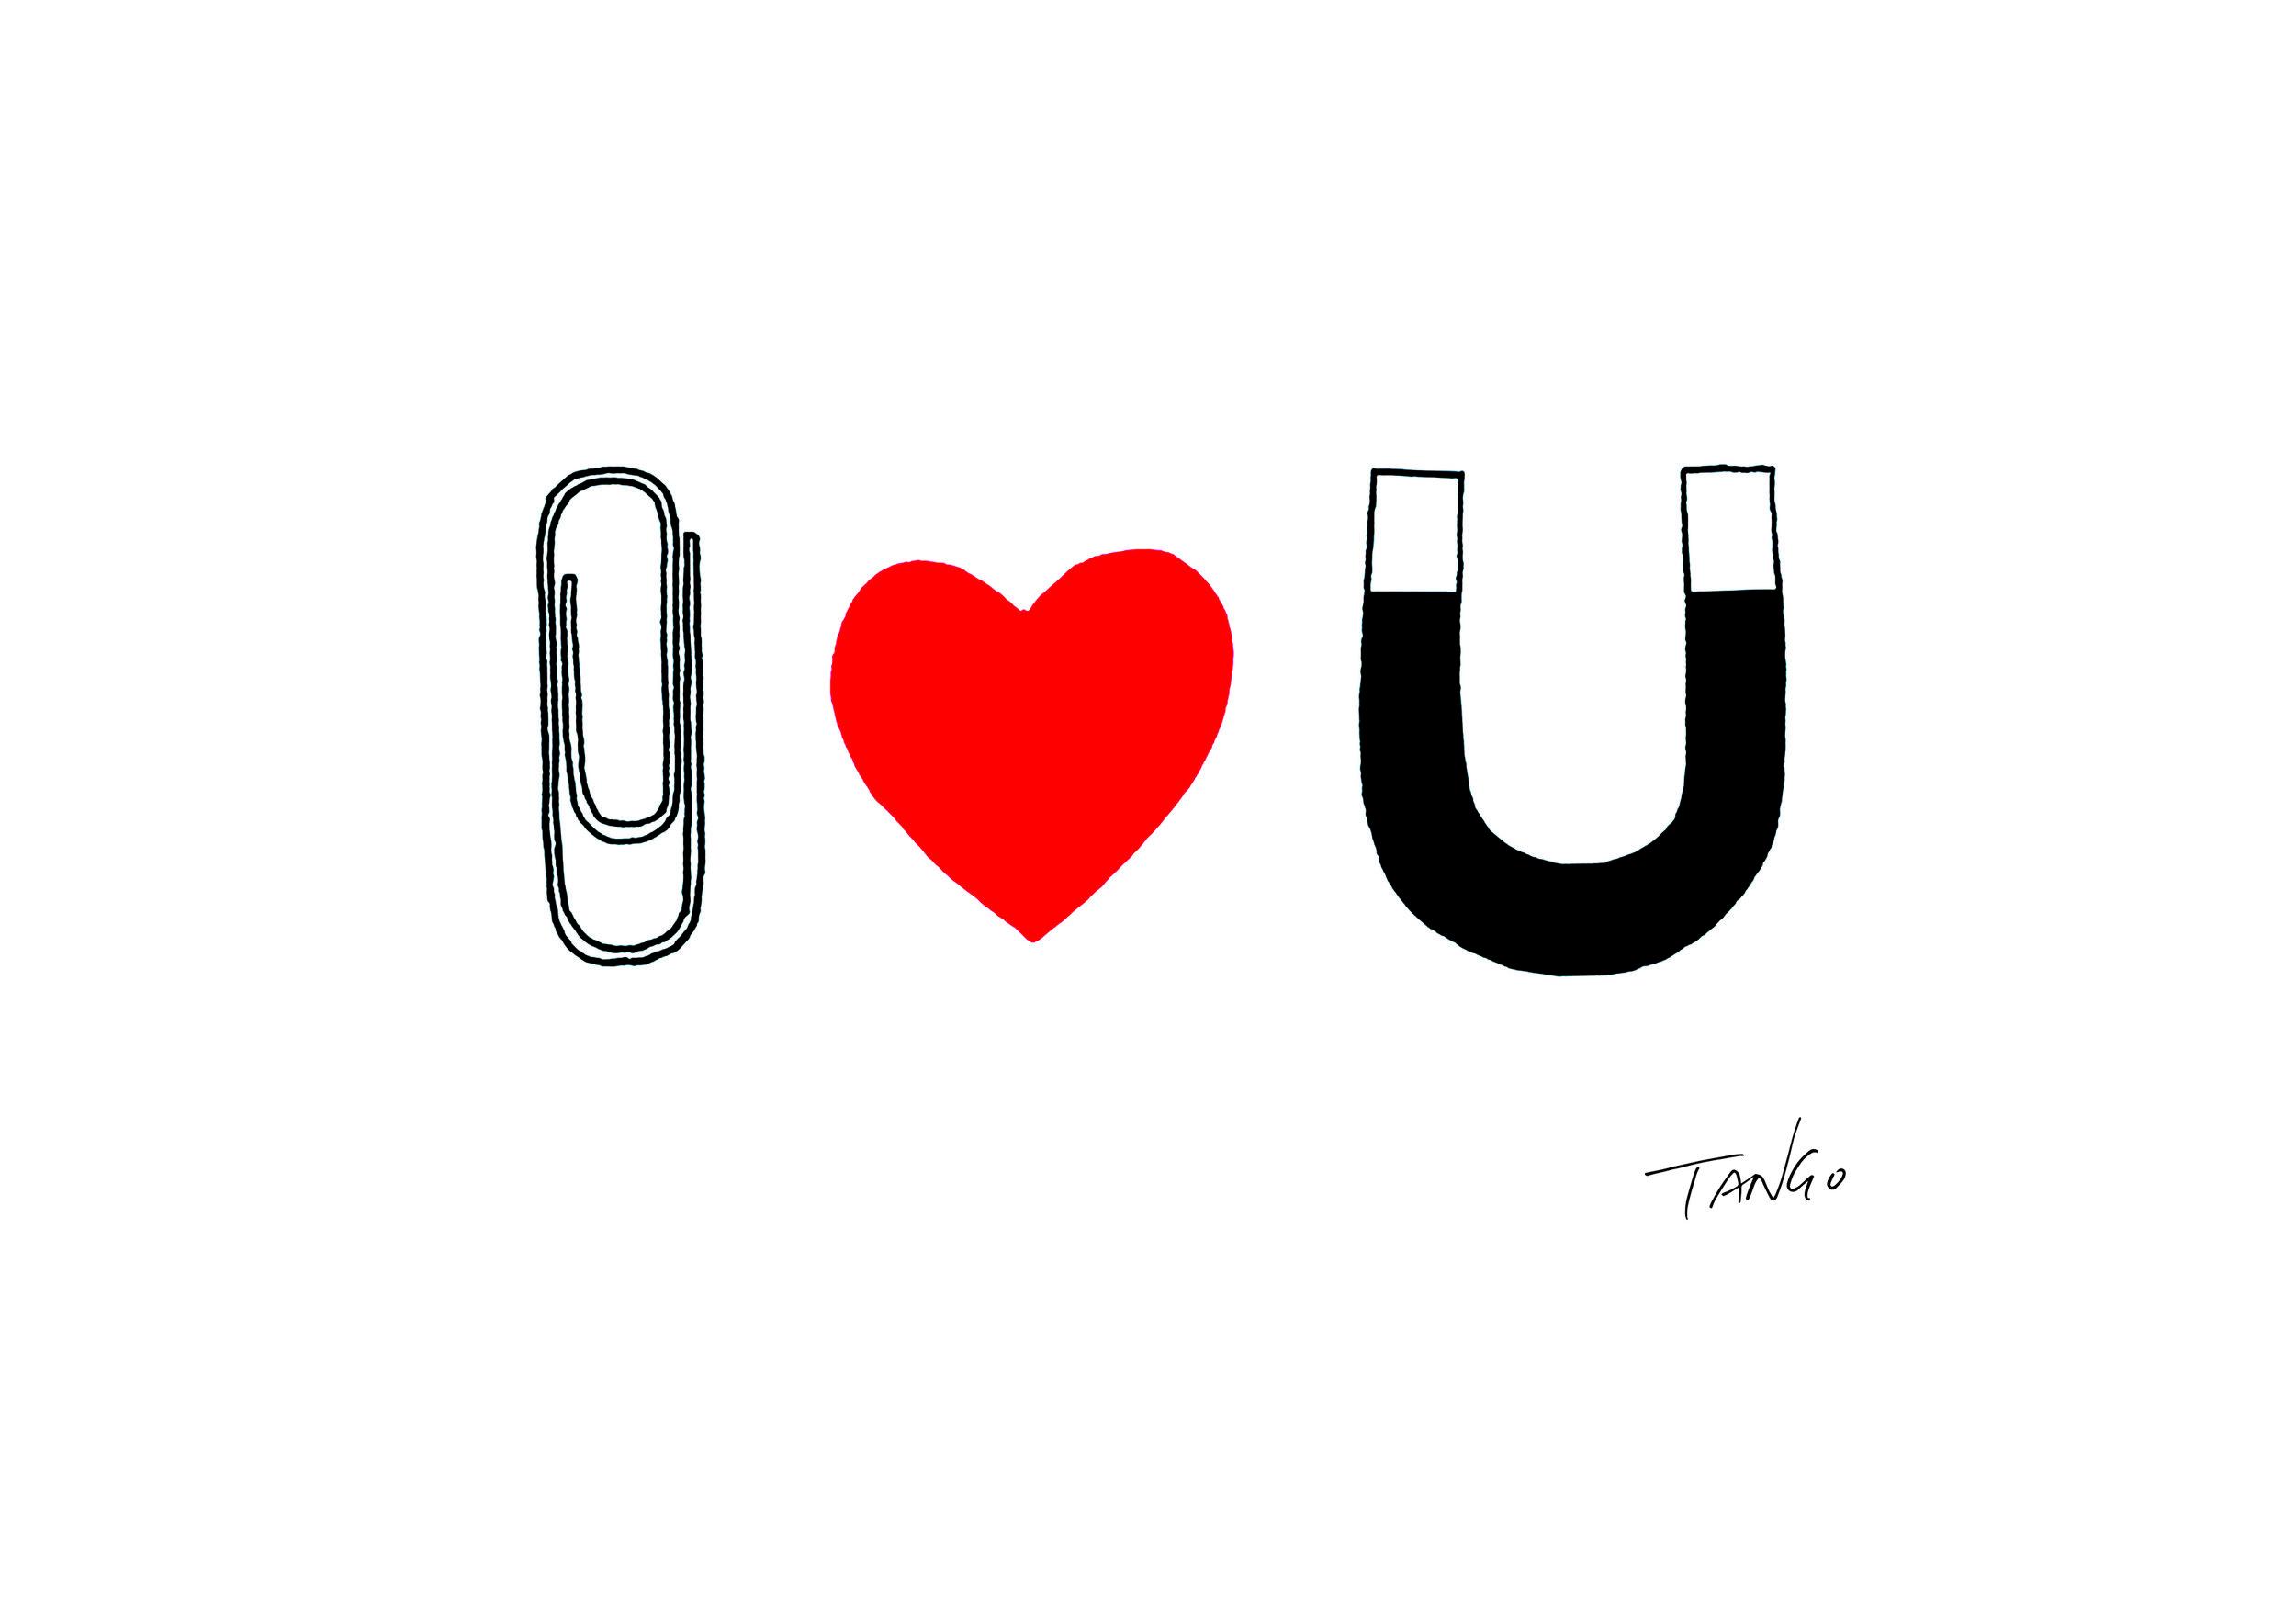 20131201 U Are So Attractive 拷贝.jpg